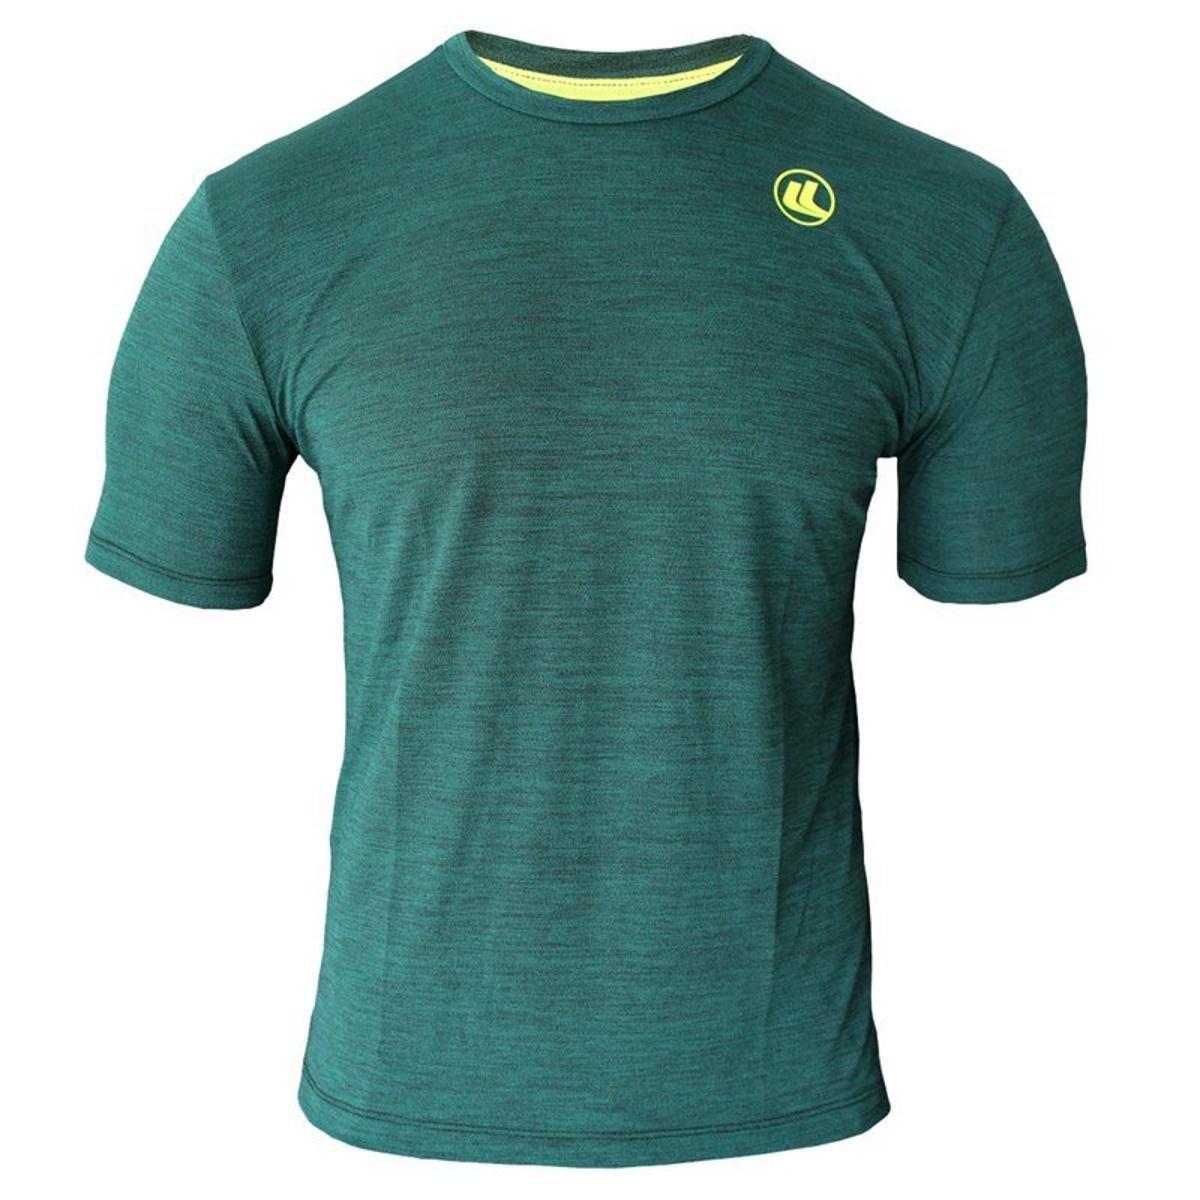 d21ce0d7468b9 Camisa Esporte Legal Grael Proteção UV45 Masculina - Verde - Compre Agora